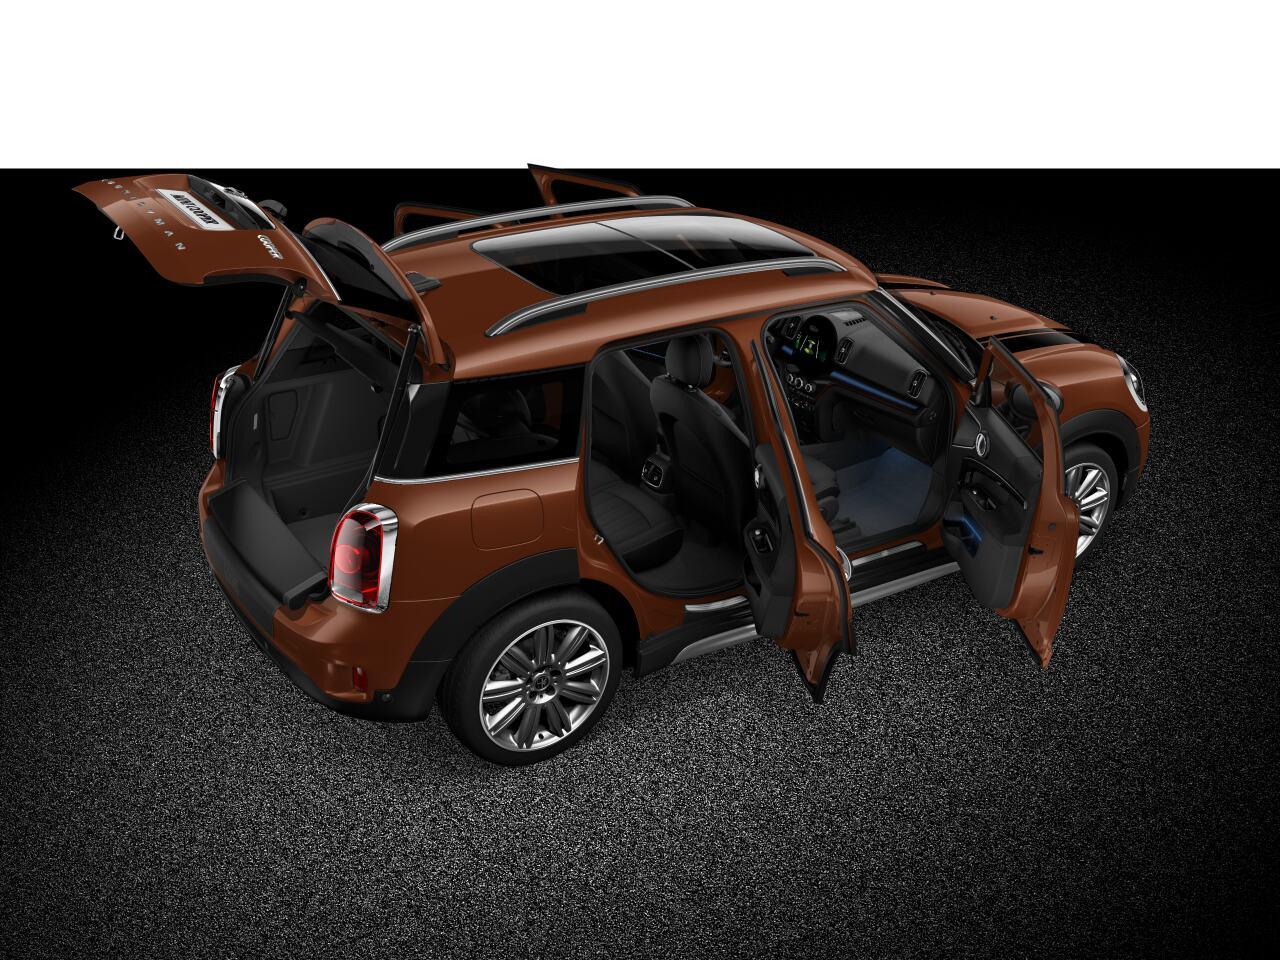 Perfil delantero-frontal carrocería completa del MINI Cooper Countryman ALL4